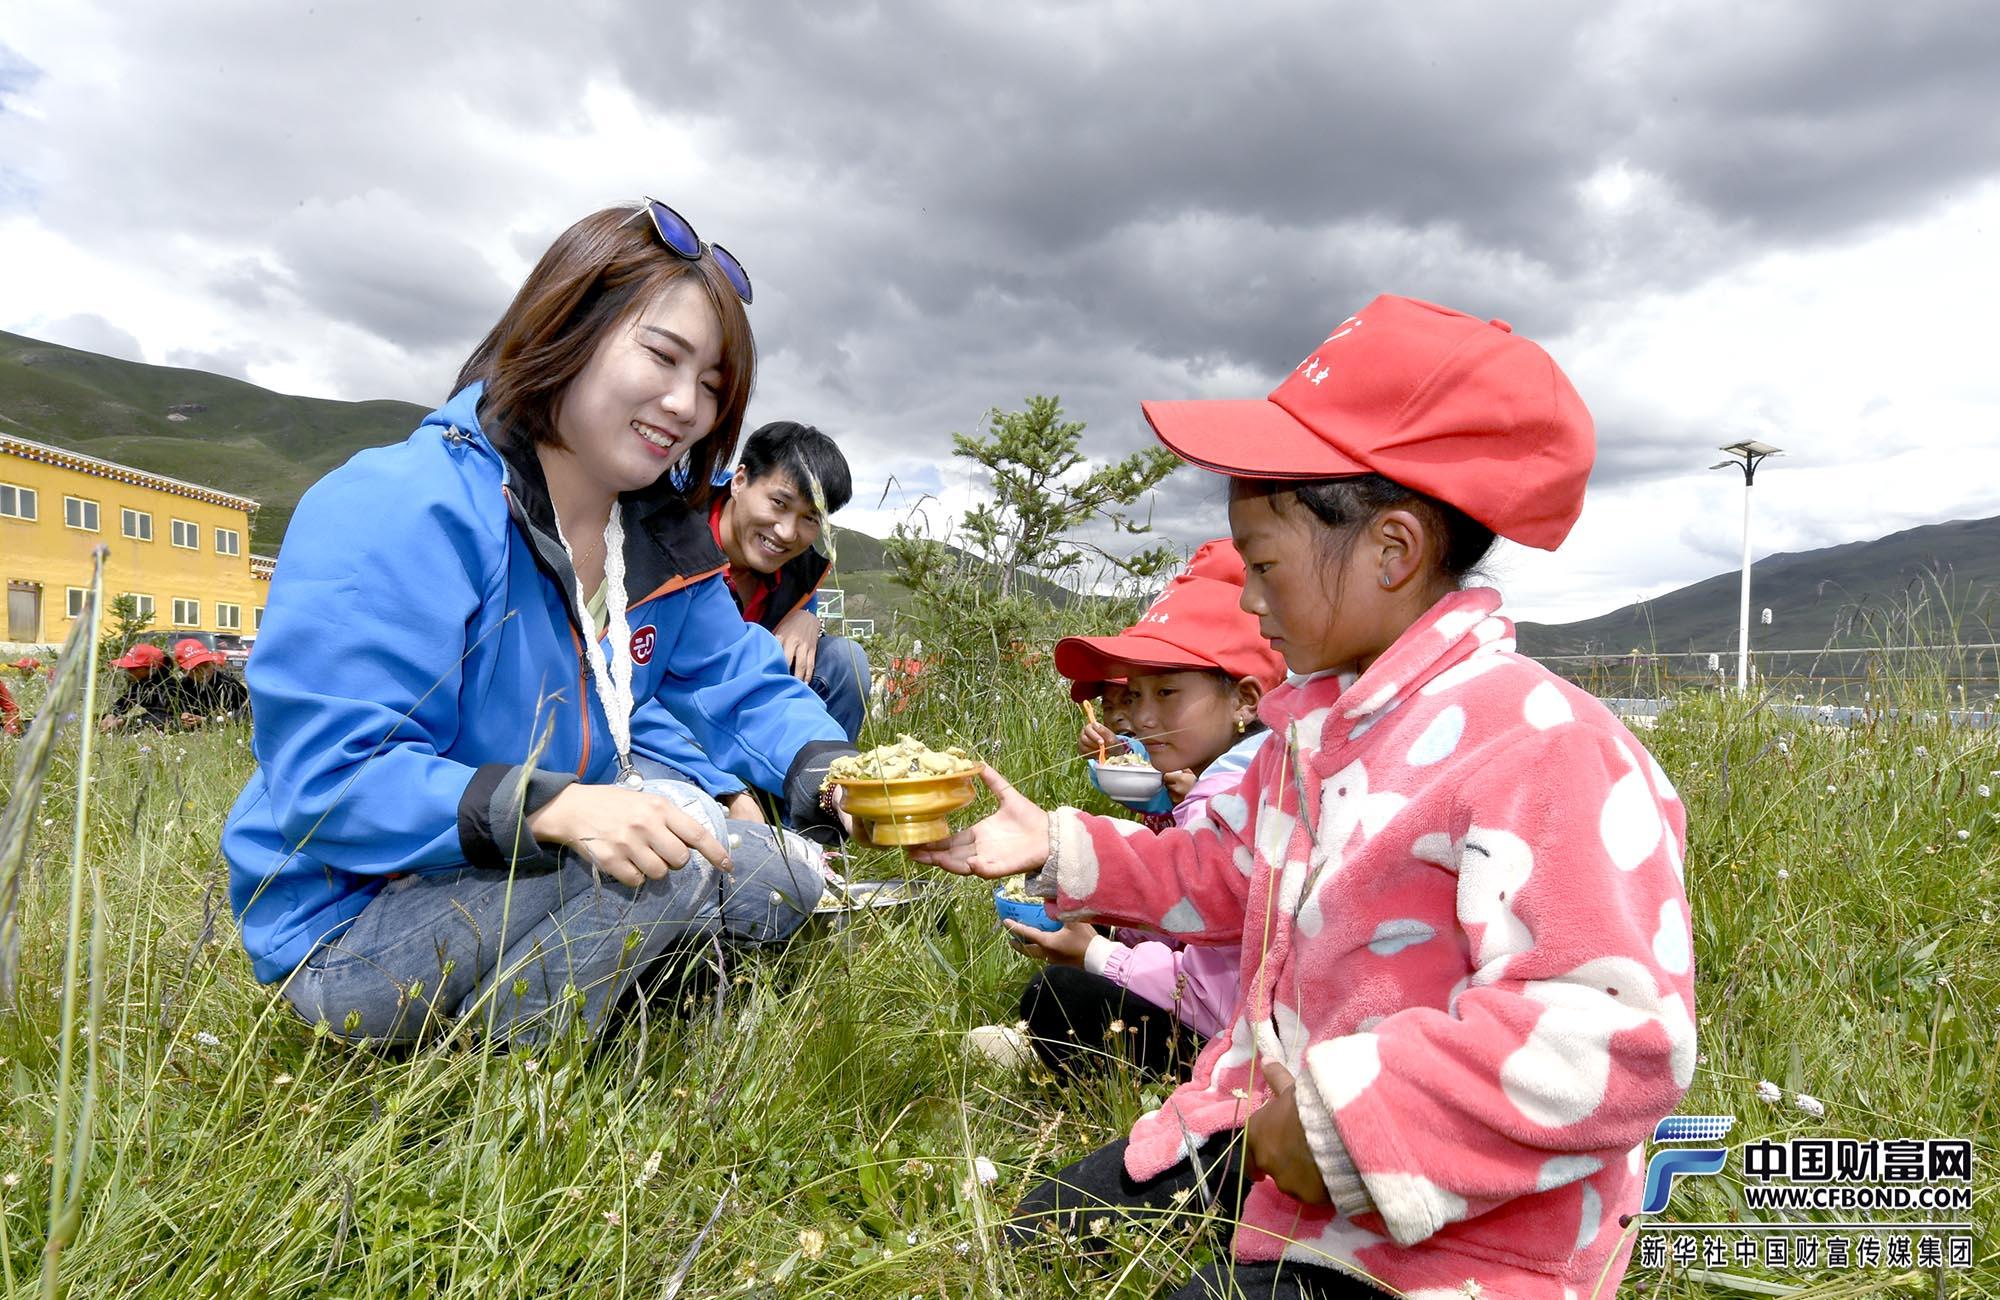 兴动公益团队为孩子们发放爱心午餐